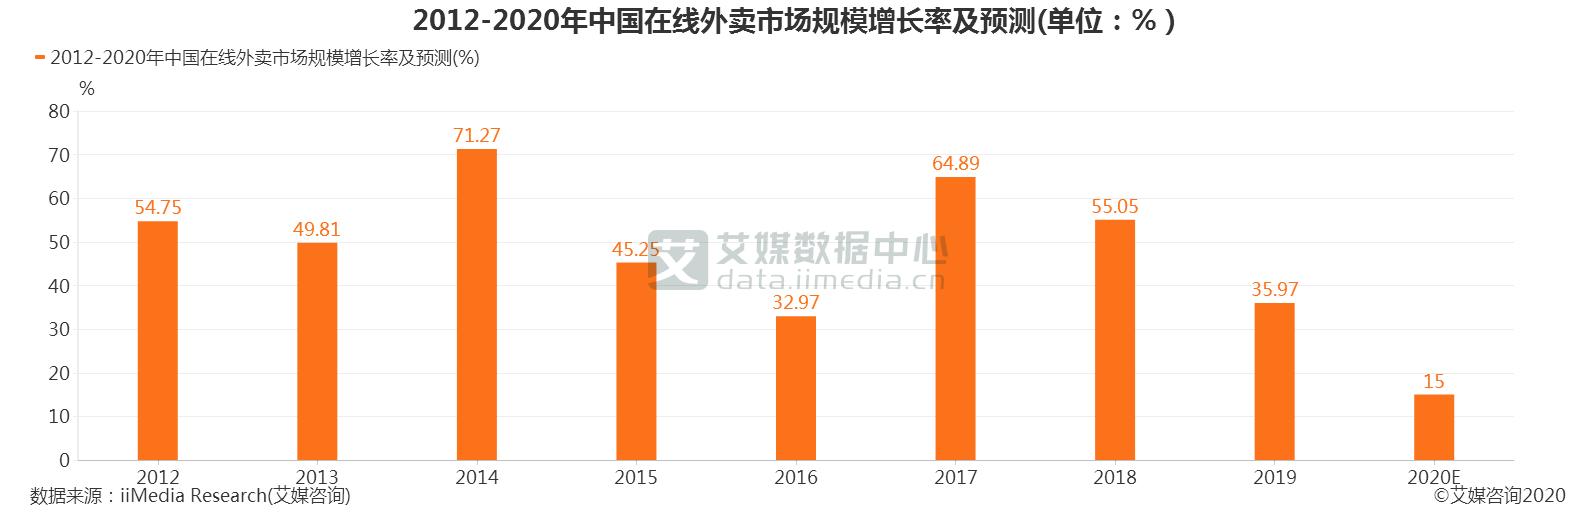 中国在线外卖市场规模